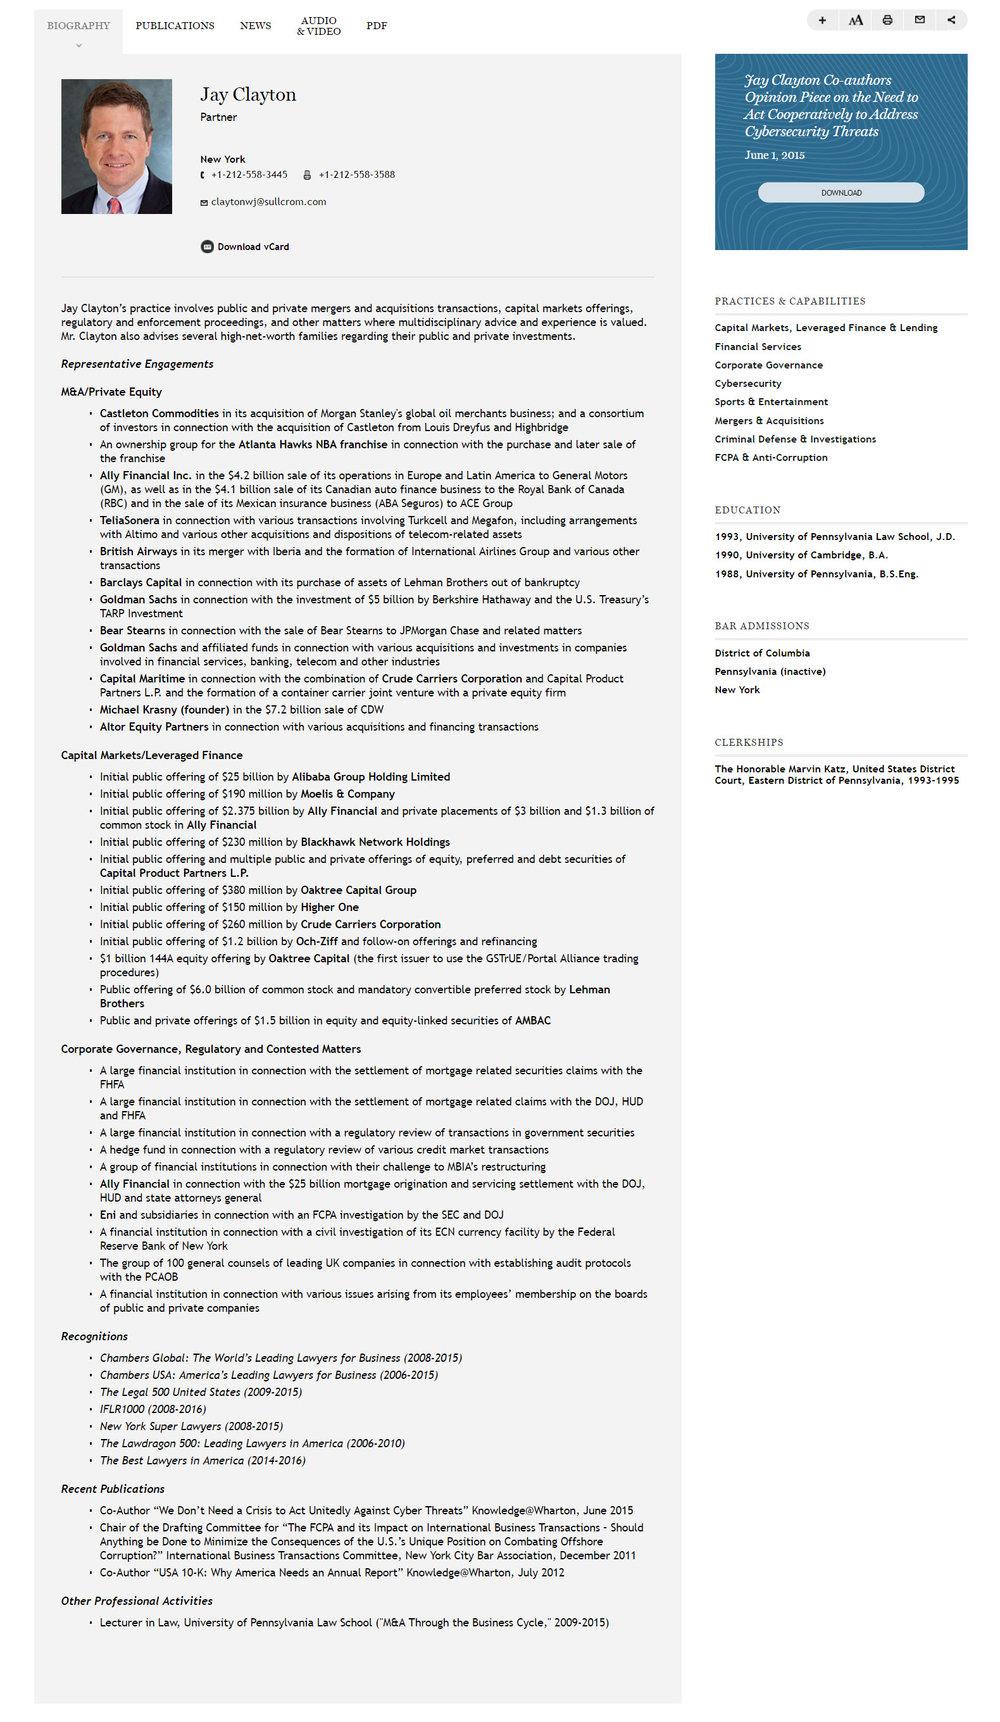 SEC-clayton-bio-full2.jpg